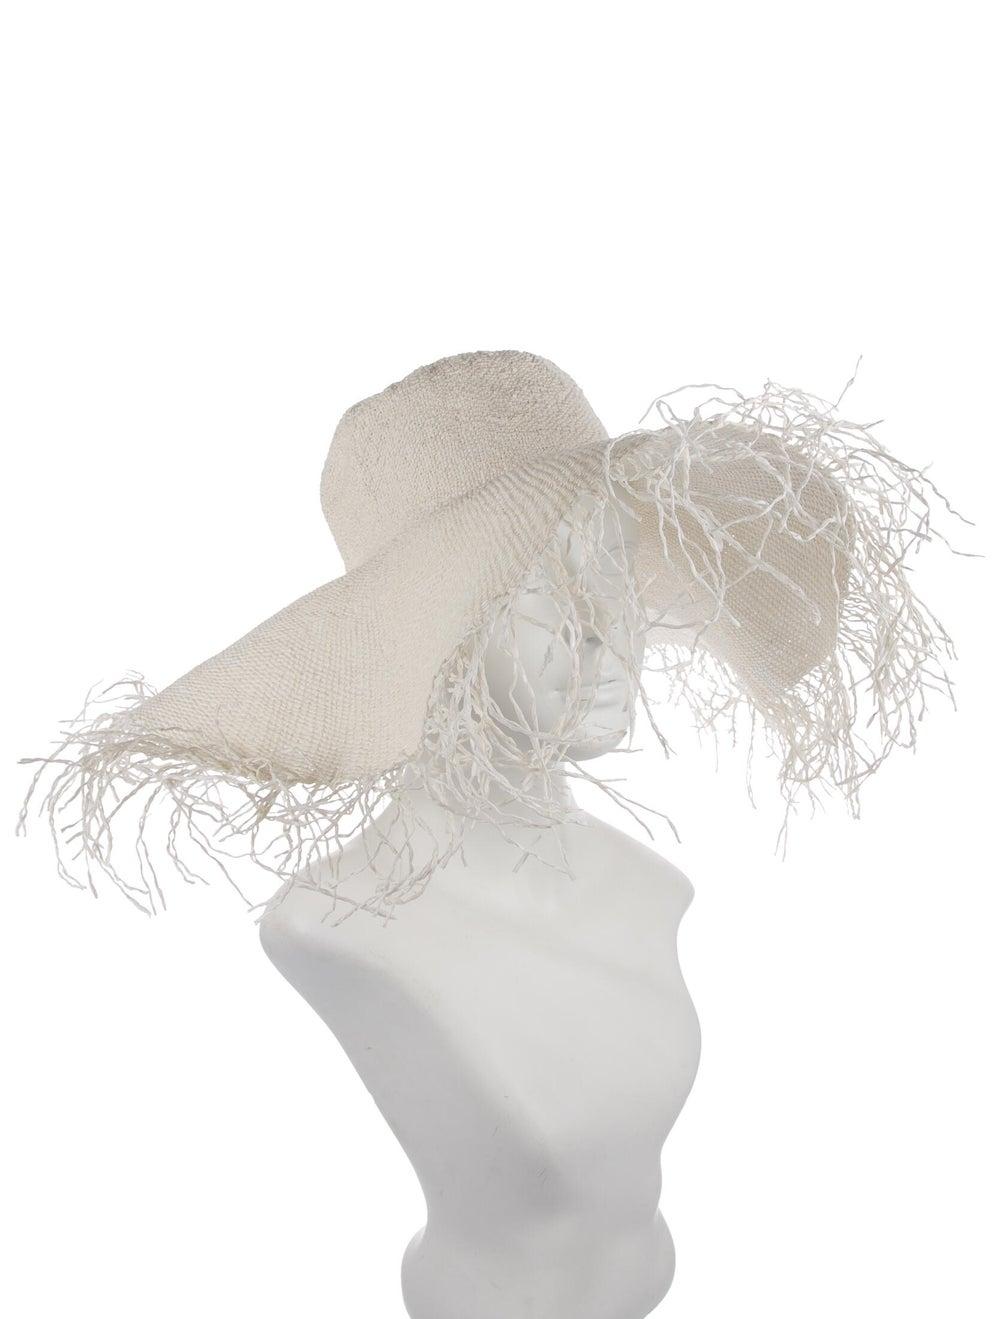 Jacquemus Straw Wide Brim Hat Cream - image 3